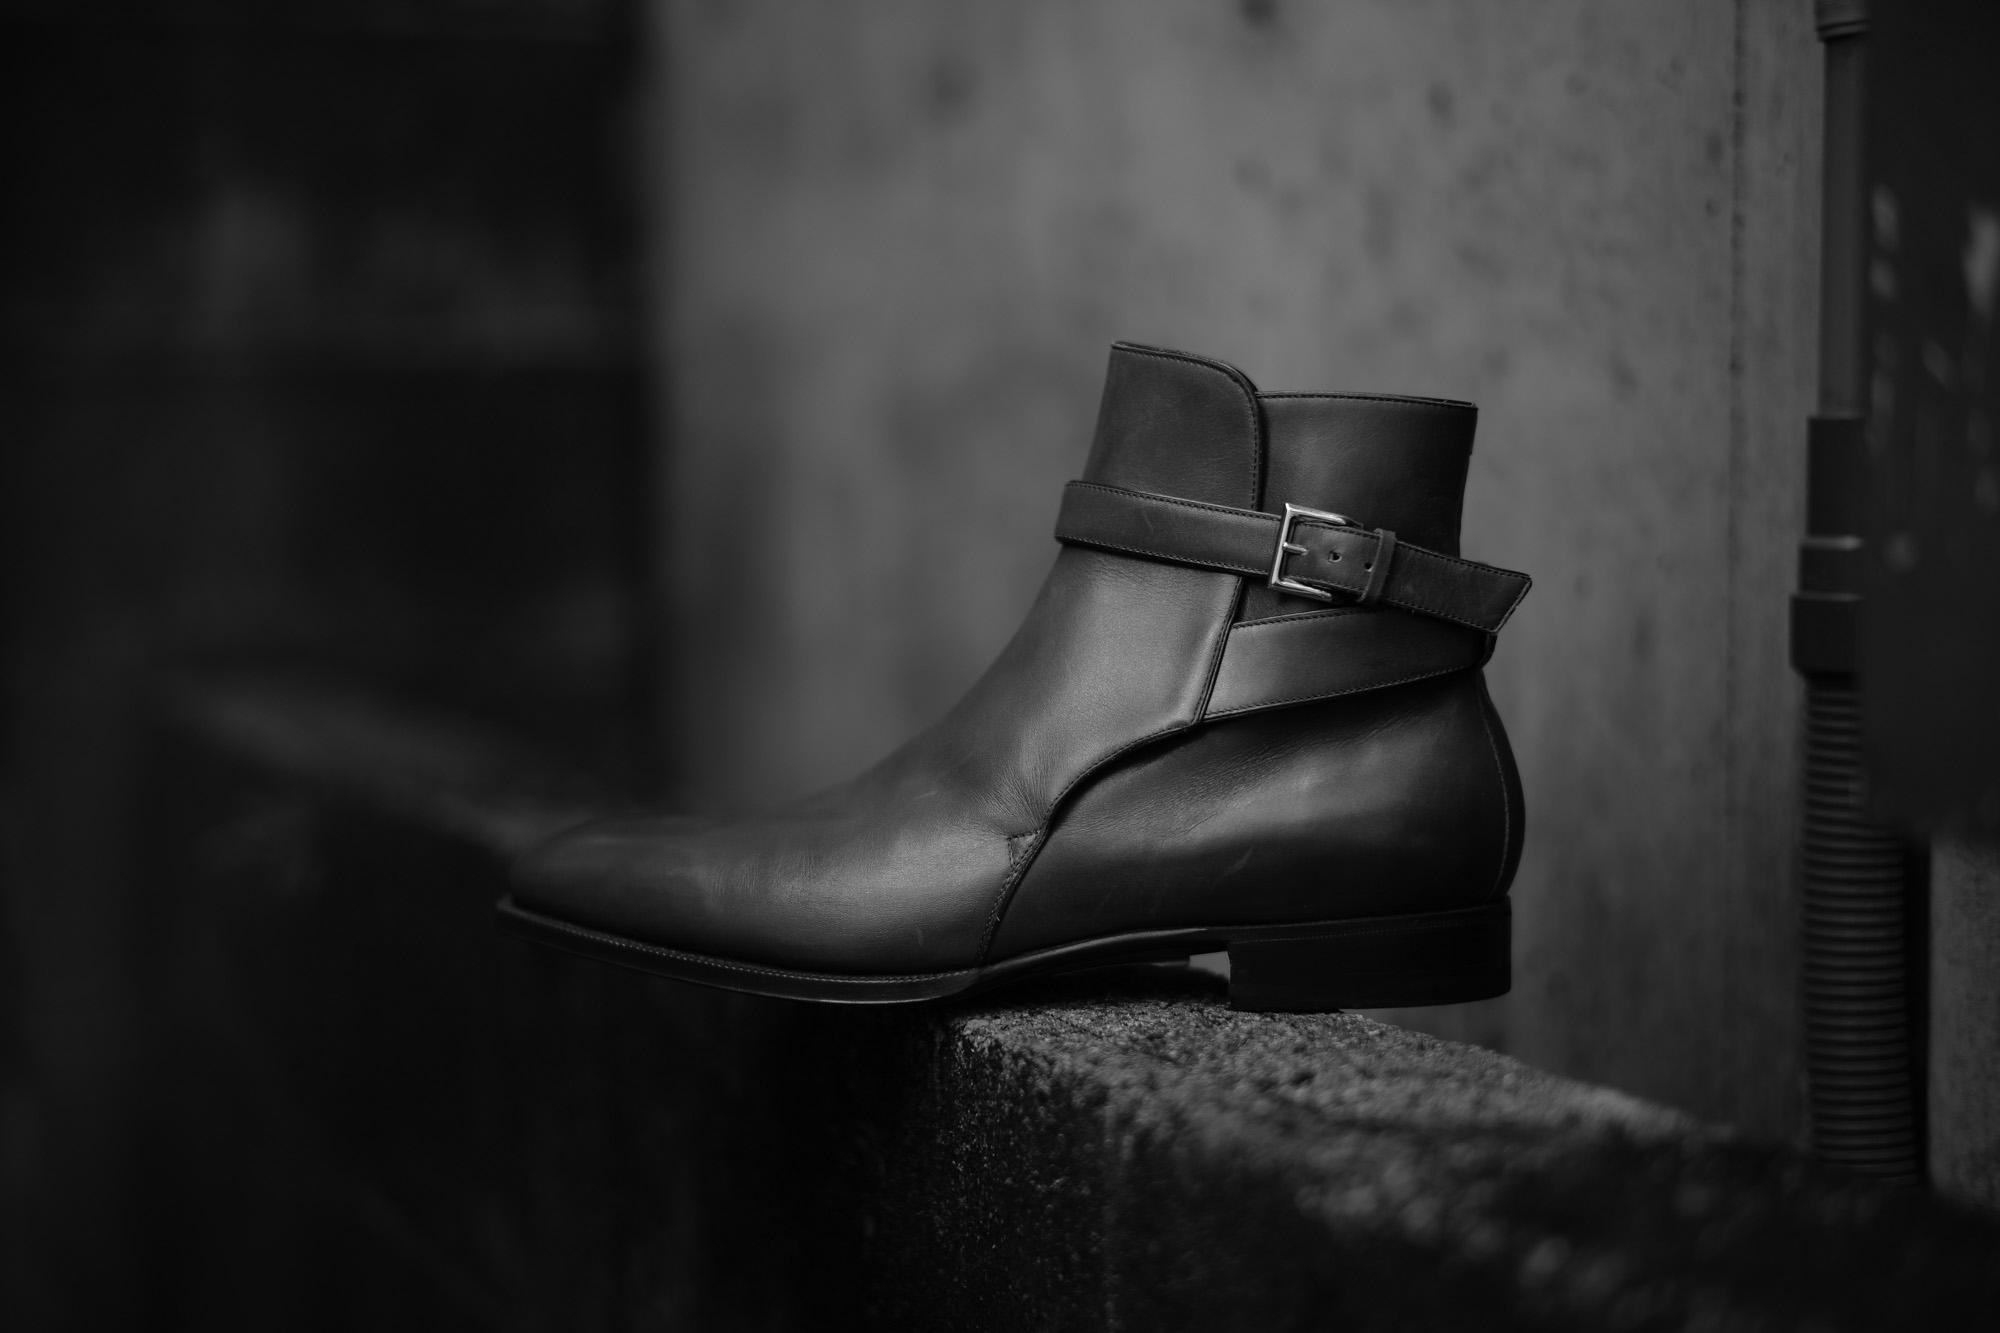 ENZO BONAFE(エンツォボナフェ) 【EB-13】 Jodhpur Boots ジョッパーブーツ Bonaudo Museum Calf Leather ボナウド社ミュージアムカーフレザー ノルベジェーゼ製法 レザーブーツ NEW GOLD(ニューゴールド) made in italy(イタリア製) 2018春夏 enzobonafe ジョッパー 愛知 名古屋 ZODIAC ゾディアック